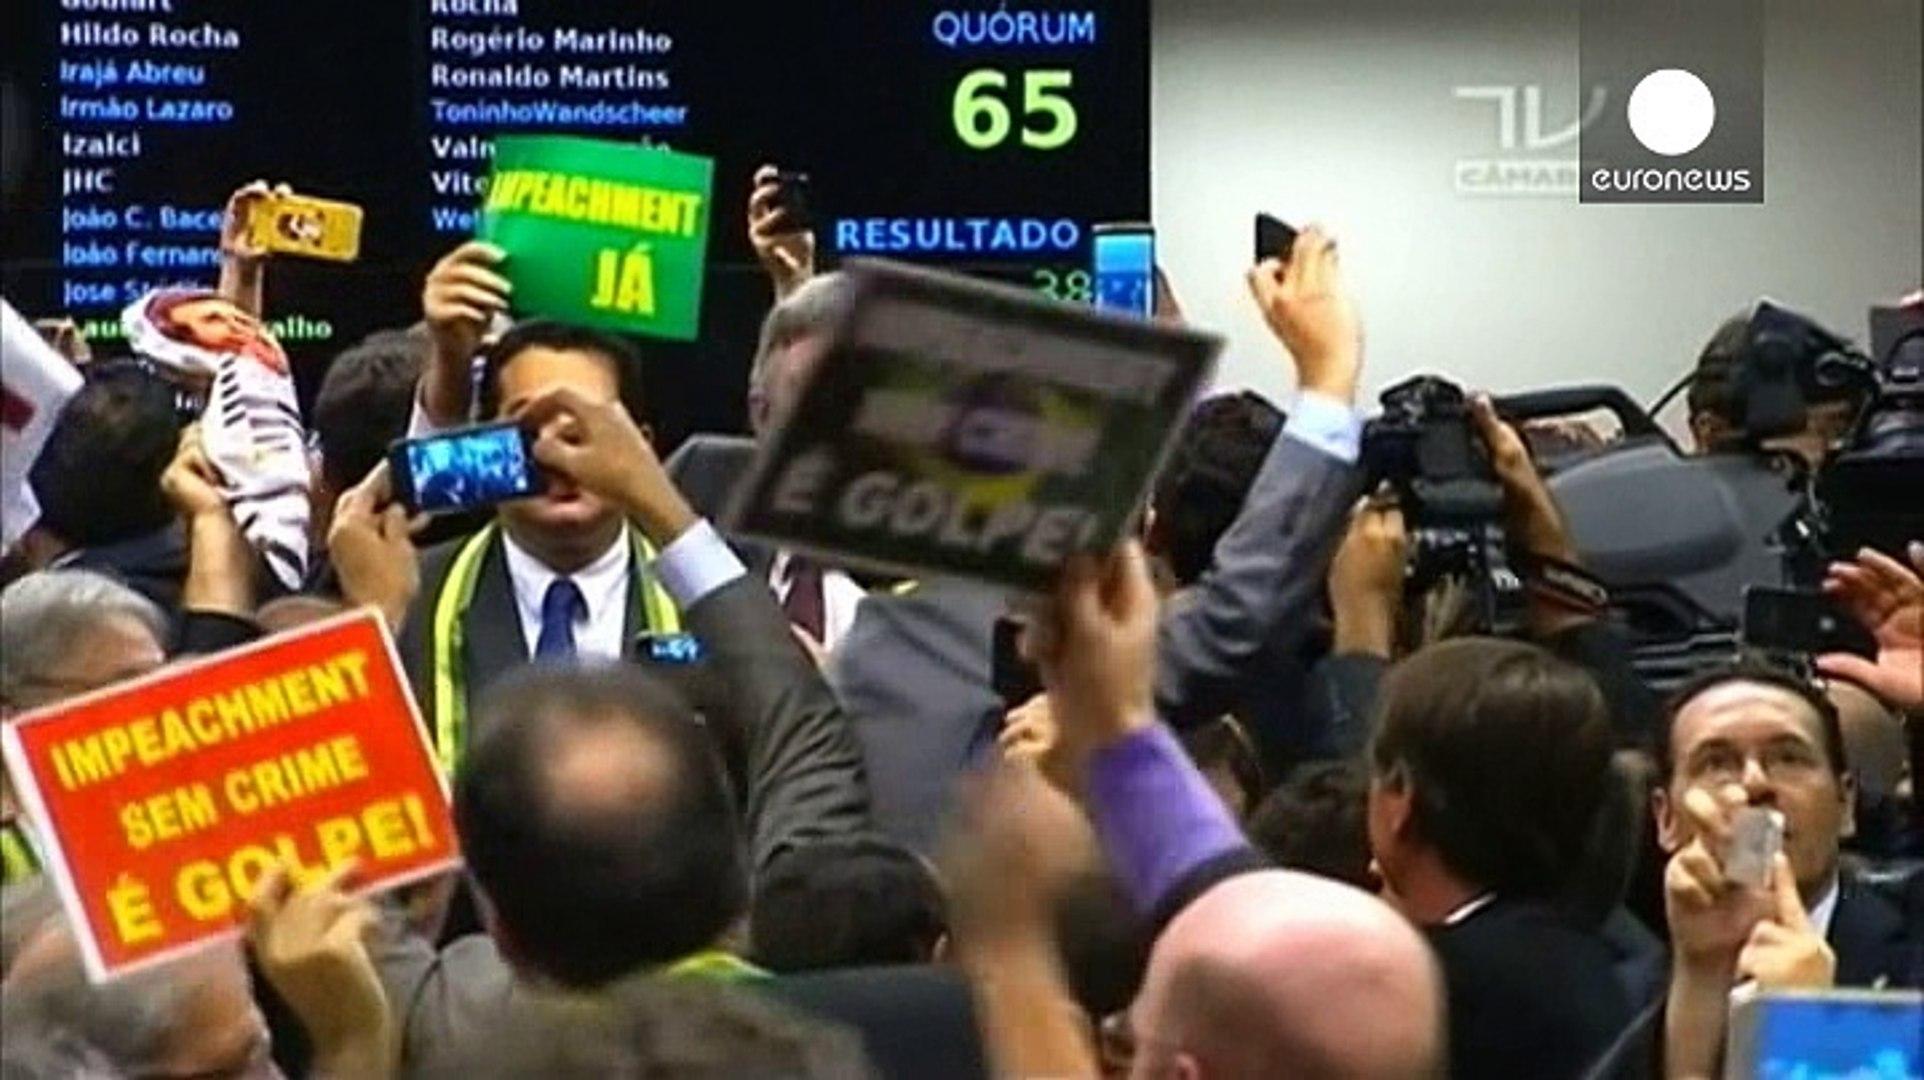 Brasil: Senado está prestes a decidir futuro de Dilma Rousseff